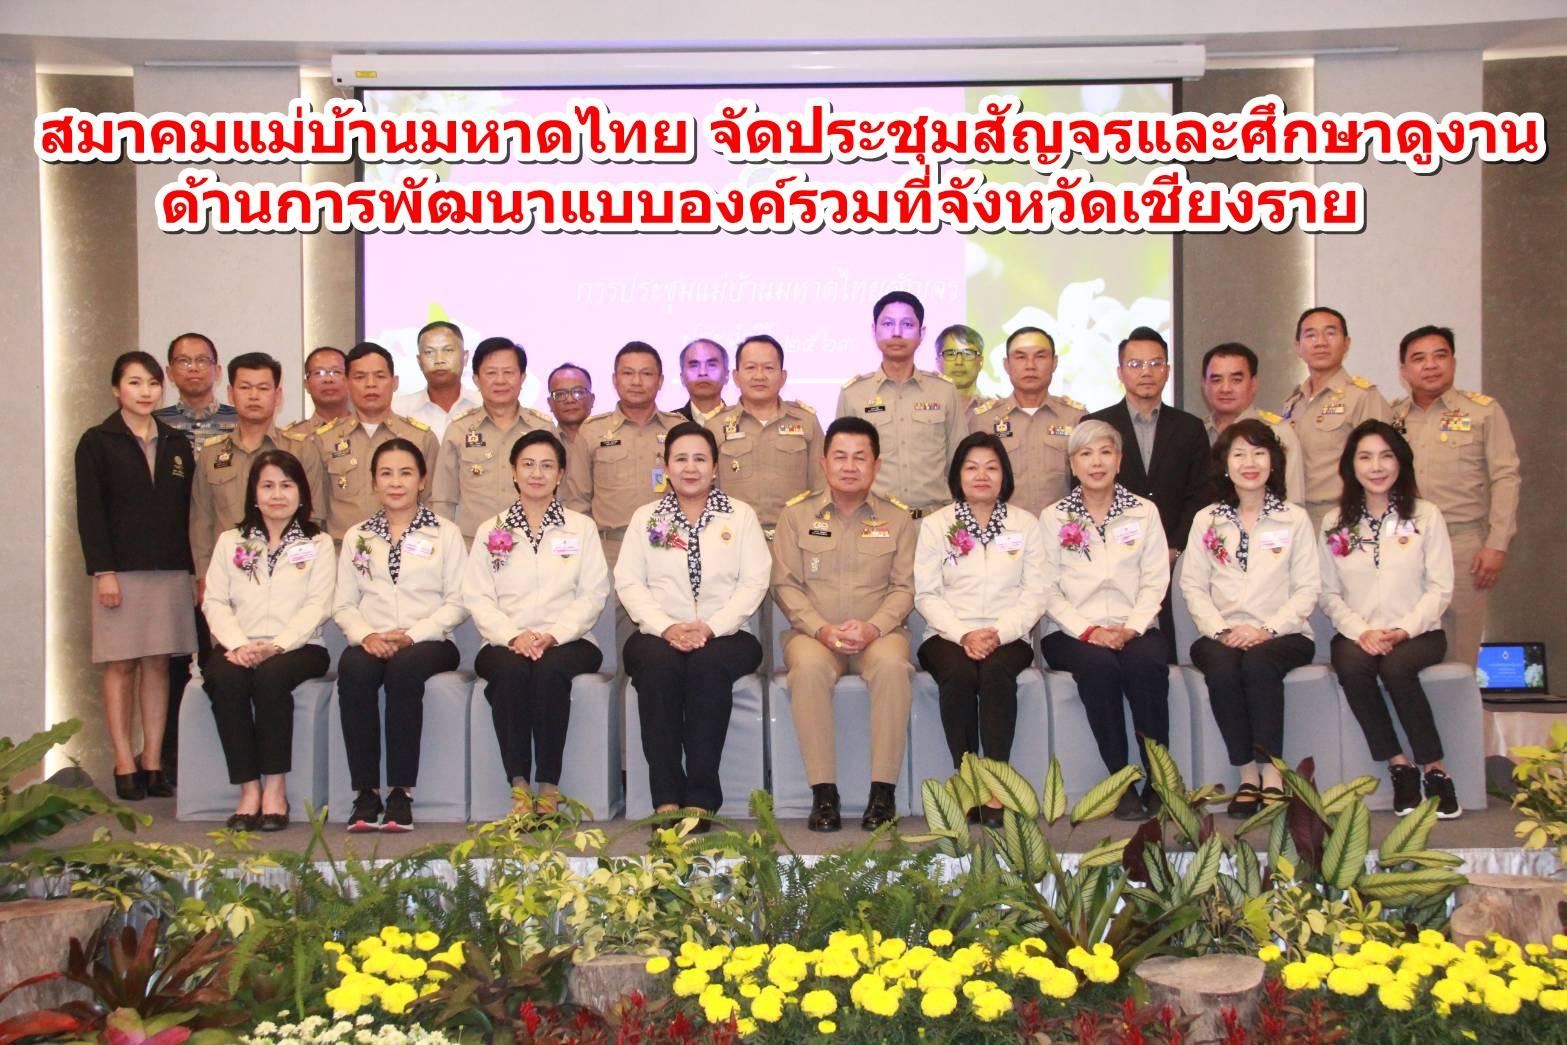 สมาคมแม่บ้านมหาดไทย จัดประชุมสัญจรและศึกษาดูงาน ด้านการพัฒนาแบบองค์รวมที่จังหวัดเชียงราย